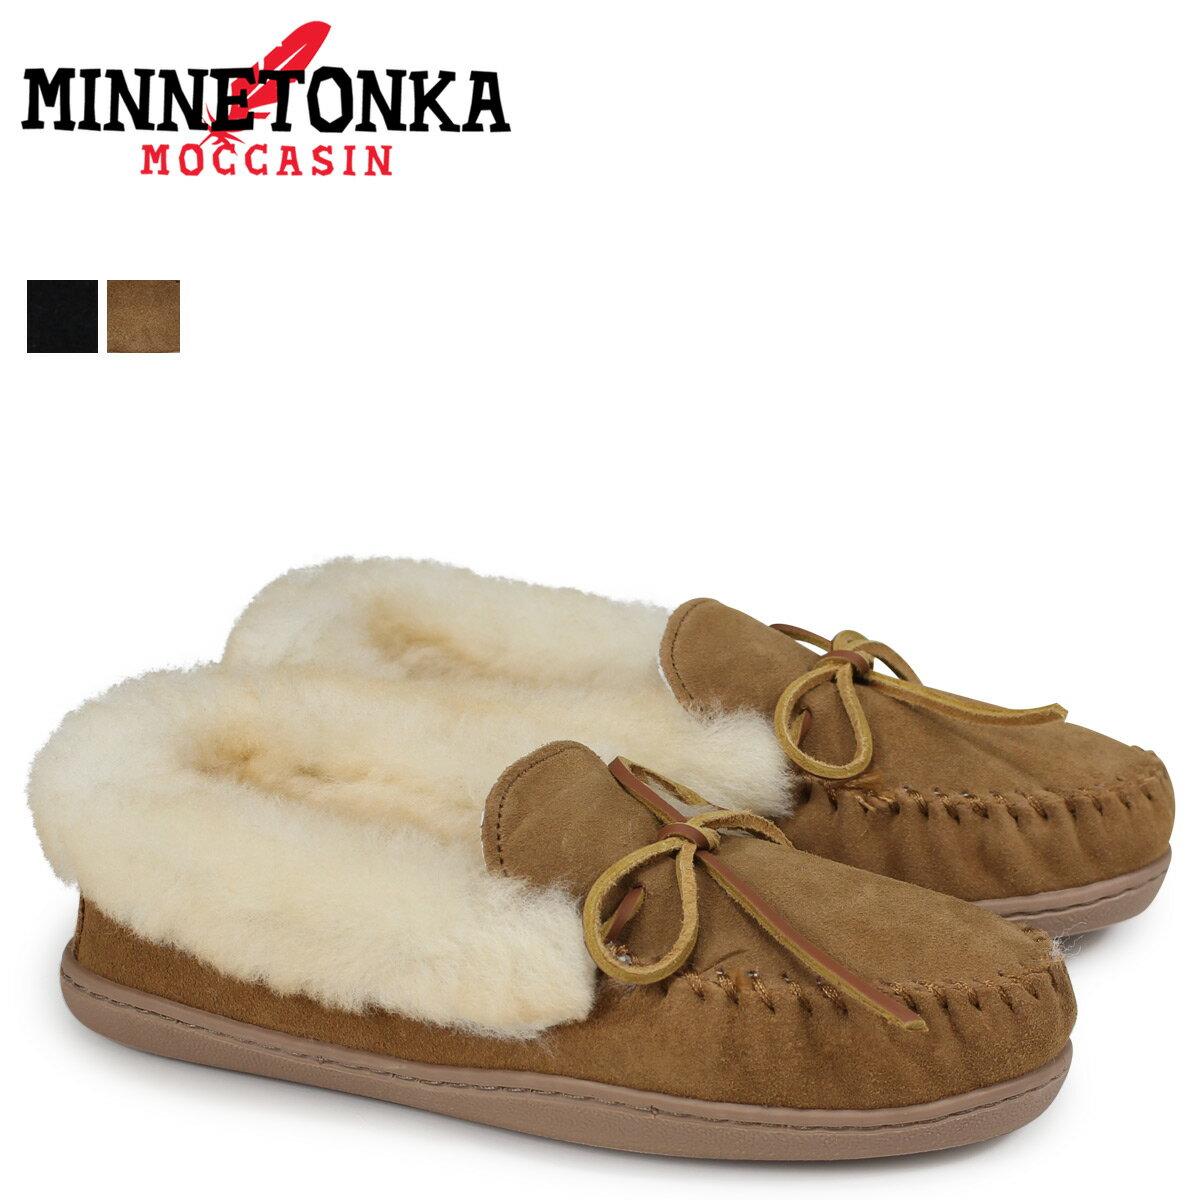 レディース靴, モカシン 1000OFF MINNETONKA ALPINE SHEEPSKIN MOC